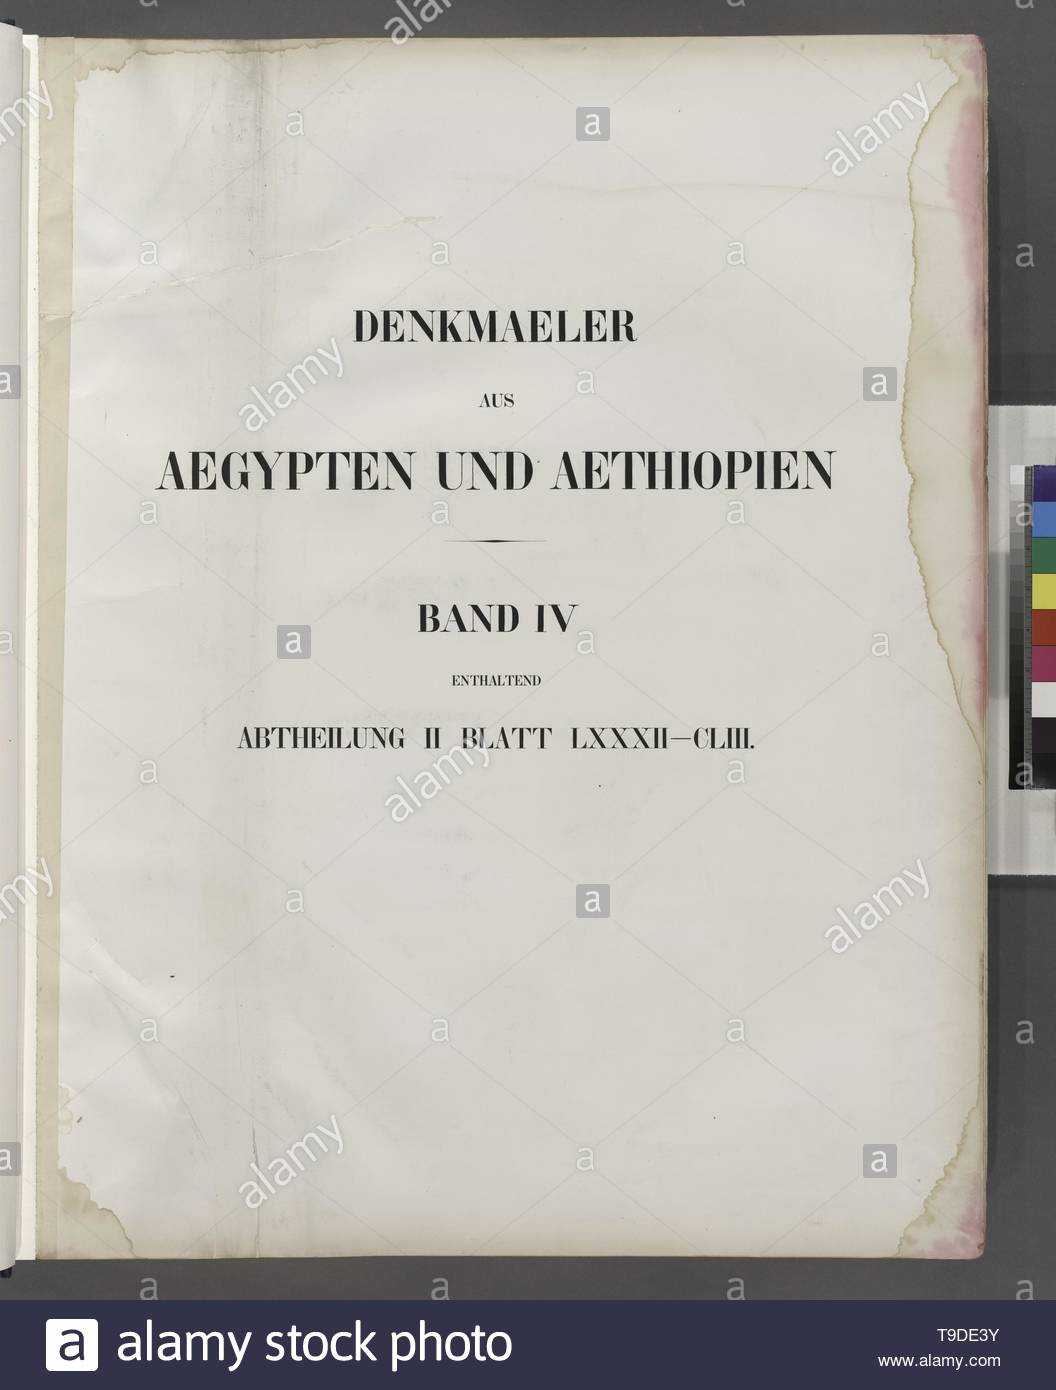 Lepsius,Richard,1810-1884-Title page]  Denkmaeler aus Aegypten und Aethiopien  Band IV enthaltend Abtheilung II Blatt LXXXII-CLIII [82-153] - Stock Image